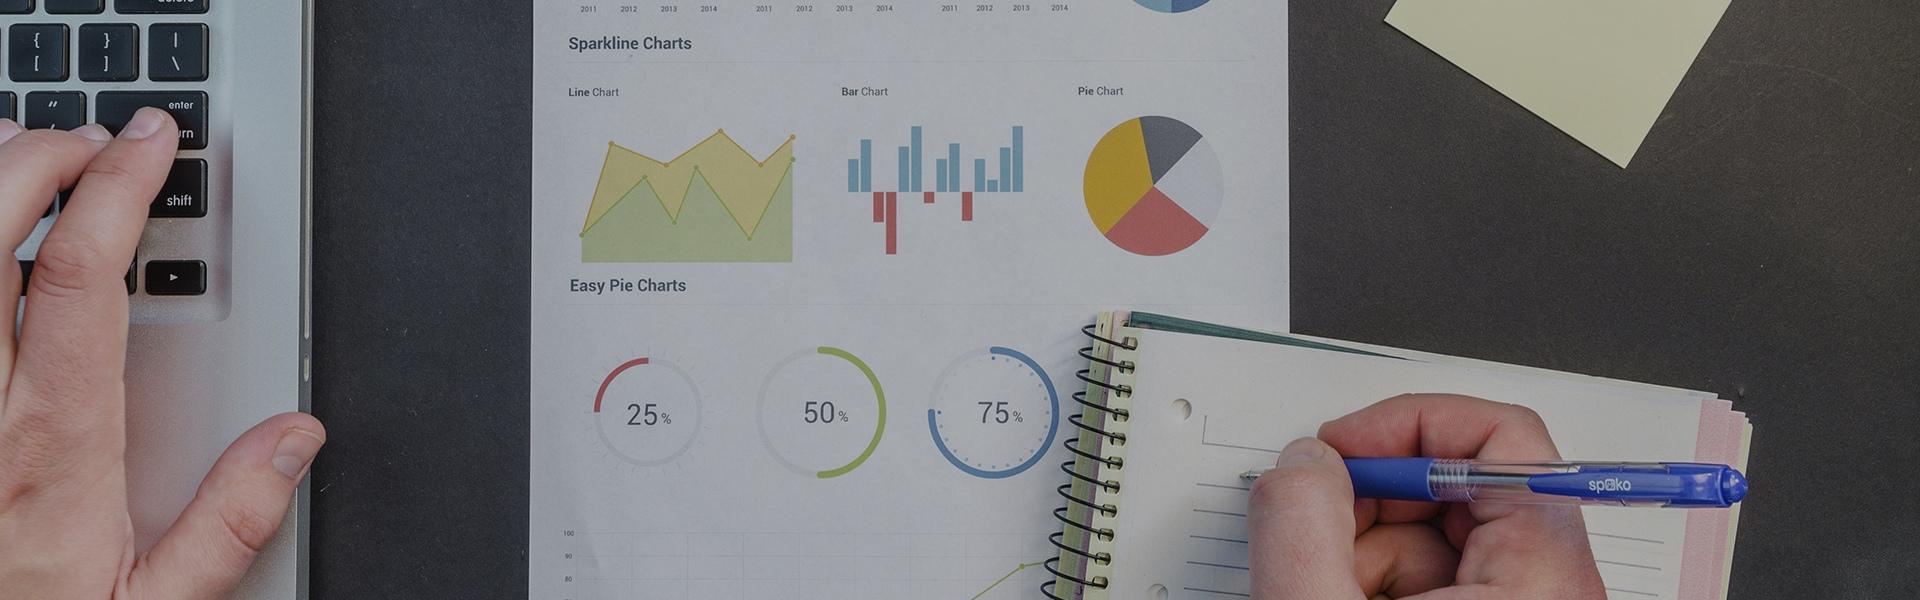 Рейтинг пензенских бизнес-аккаунтов в Инстаграм